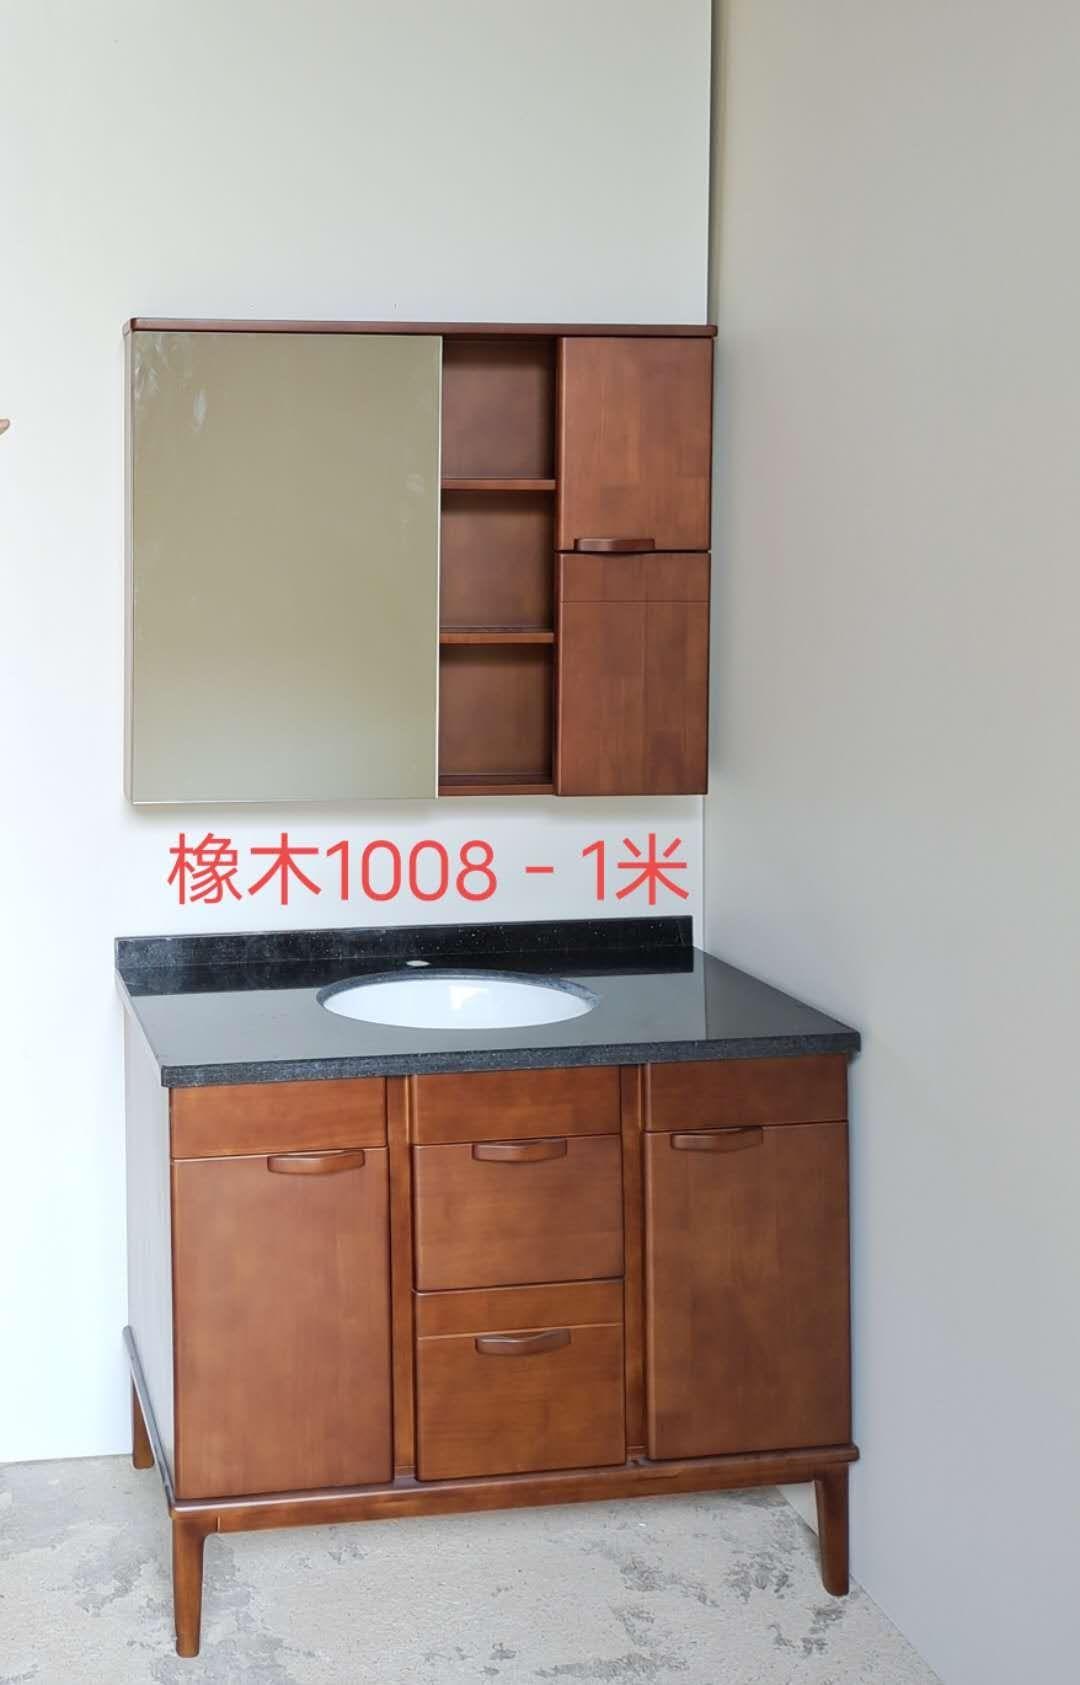 橡木1008-1米